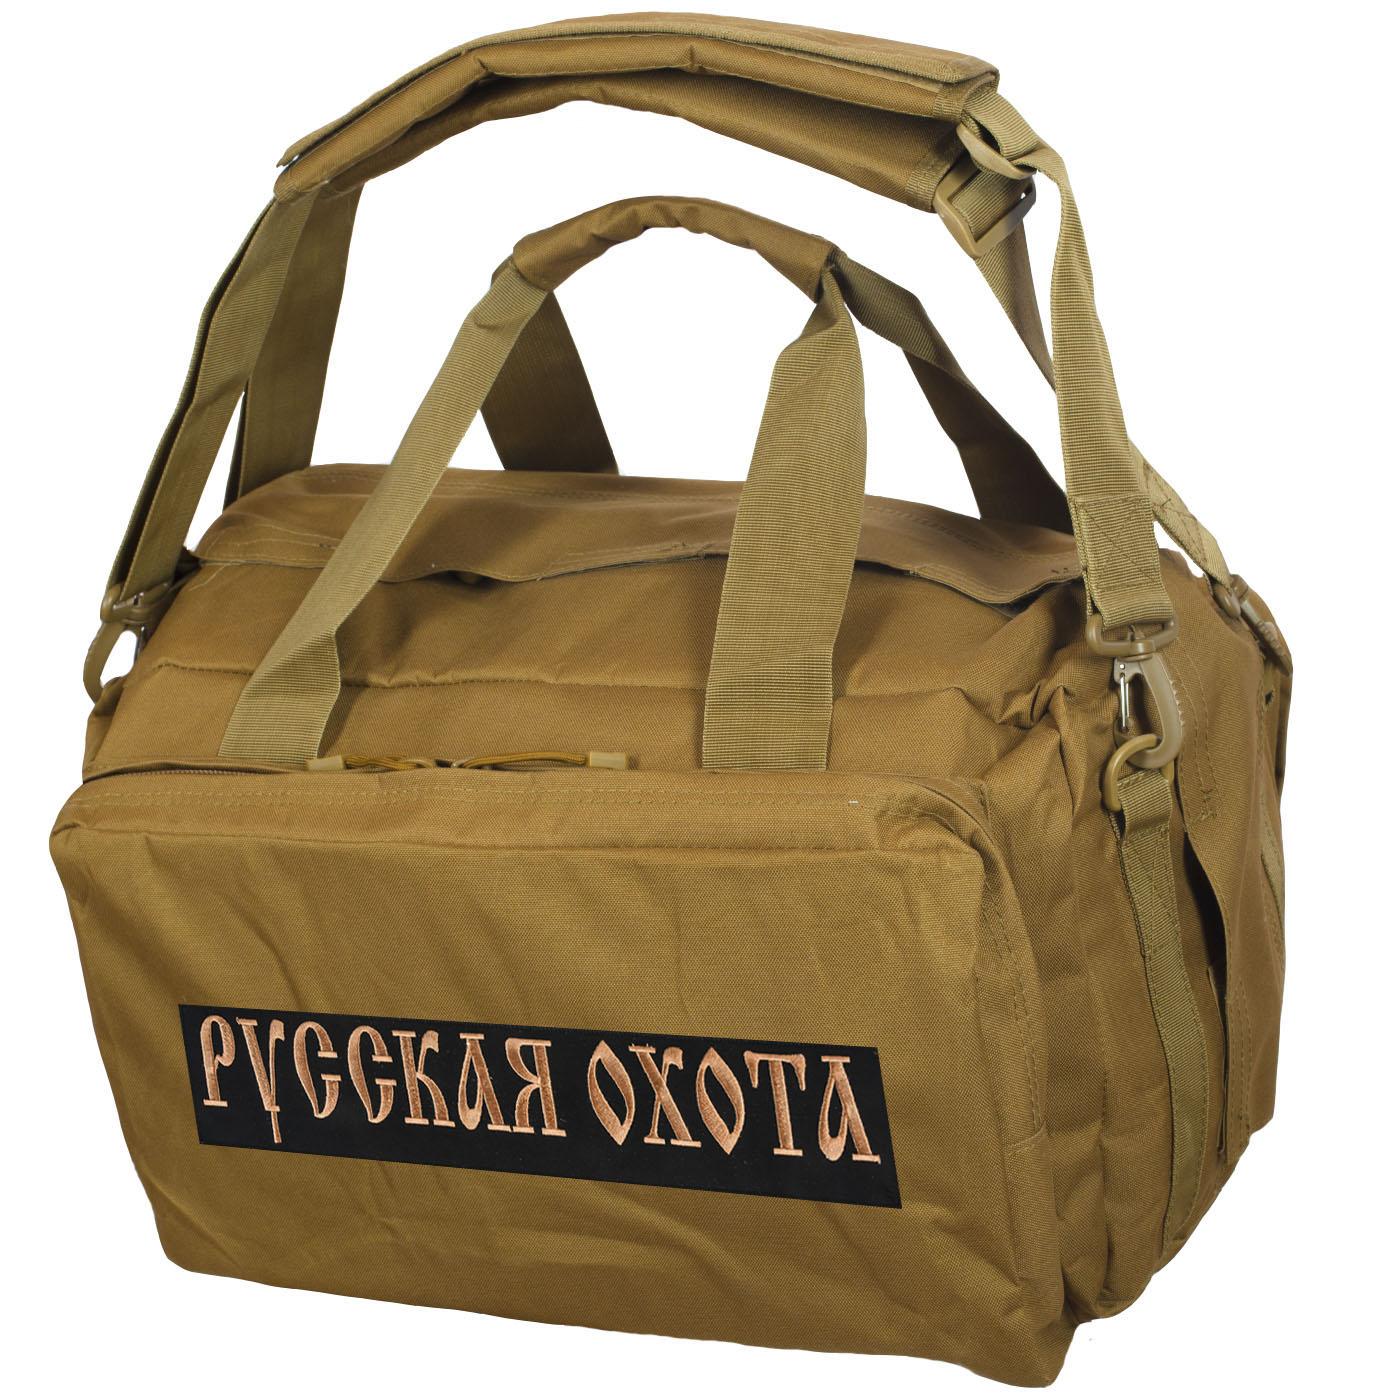 Дорожная сумка-рюкзак с нашивкой Русская Охота - купить выгодно